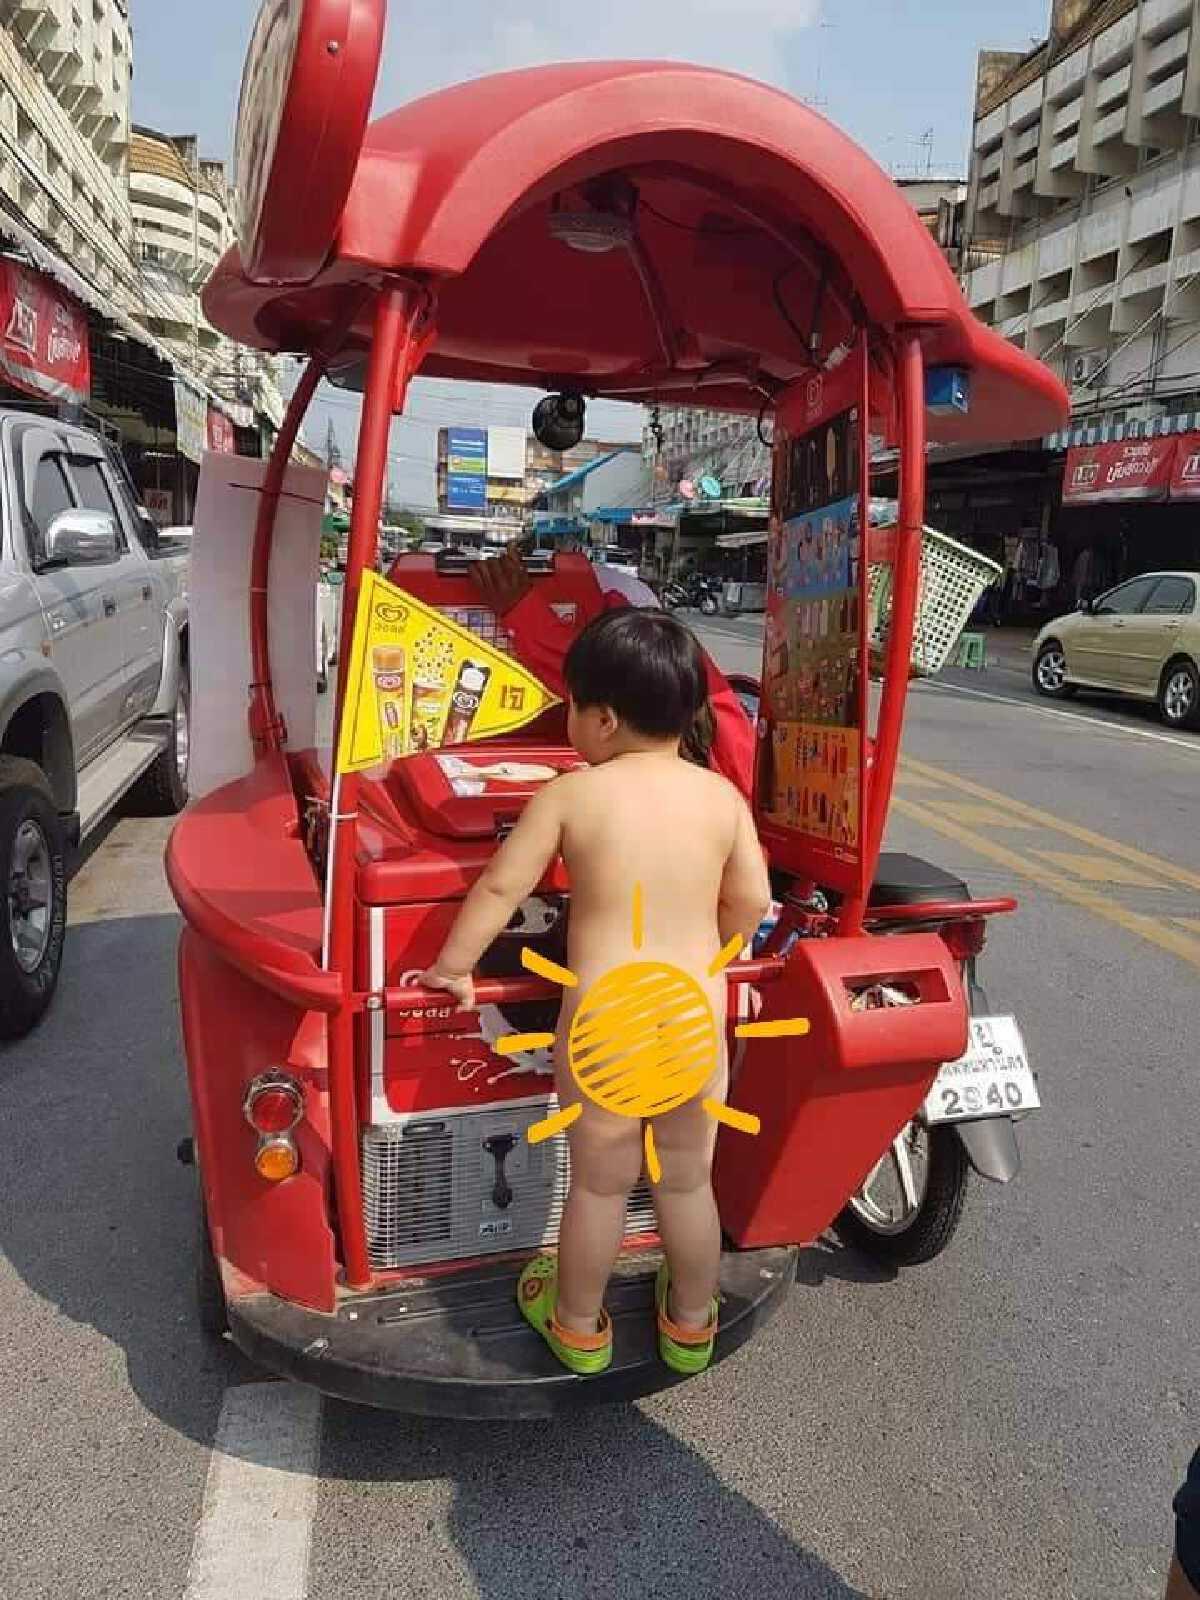 หนูน้อยกลัวไม่ทัน วิ่งแจ้นตามรถขายไอศกรีมแบบไม่ห่วงหล่อ